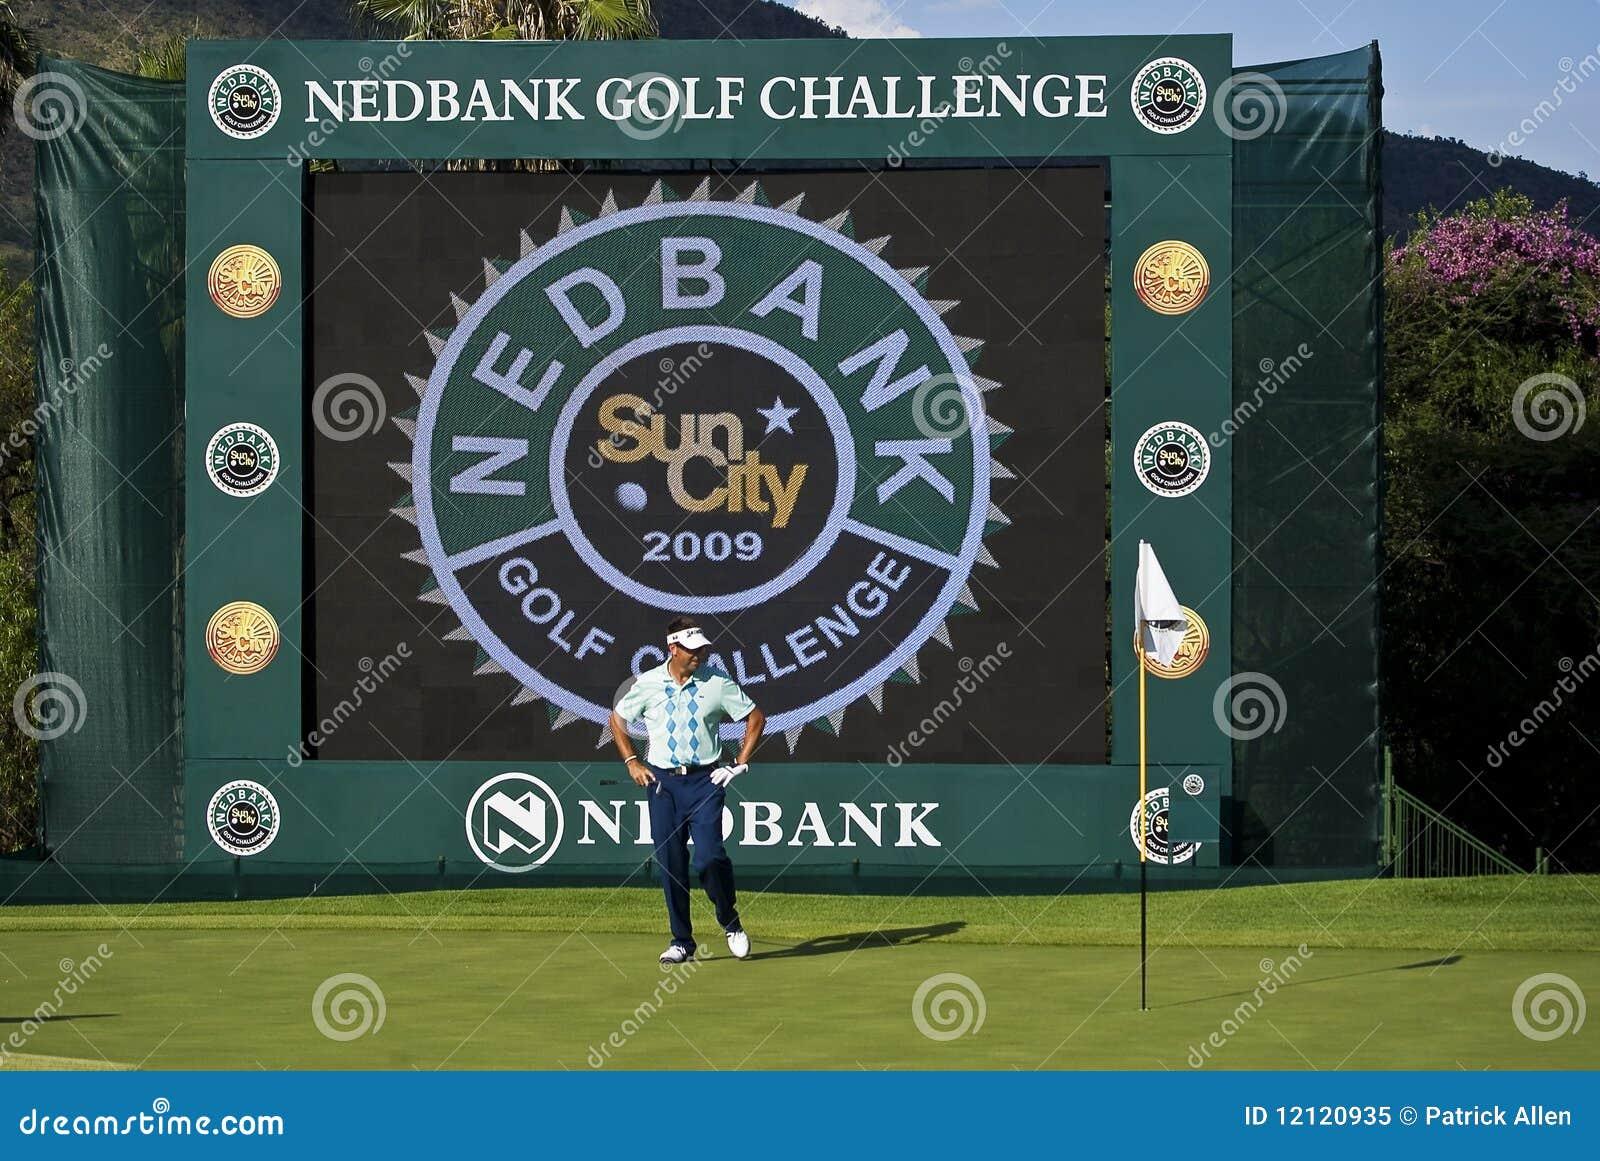 Nedbank Golf Challenge Programme 2016 - Issuu